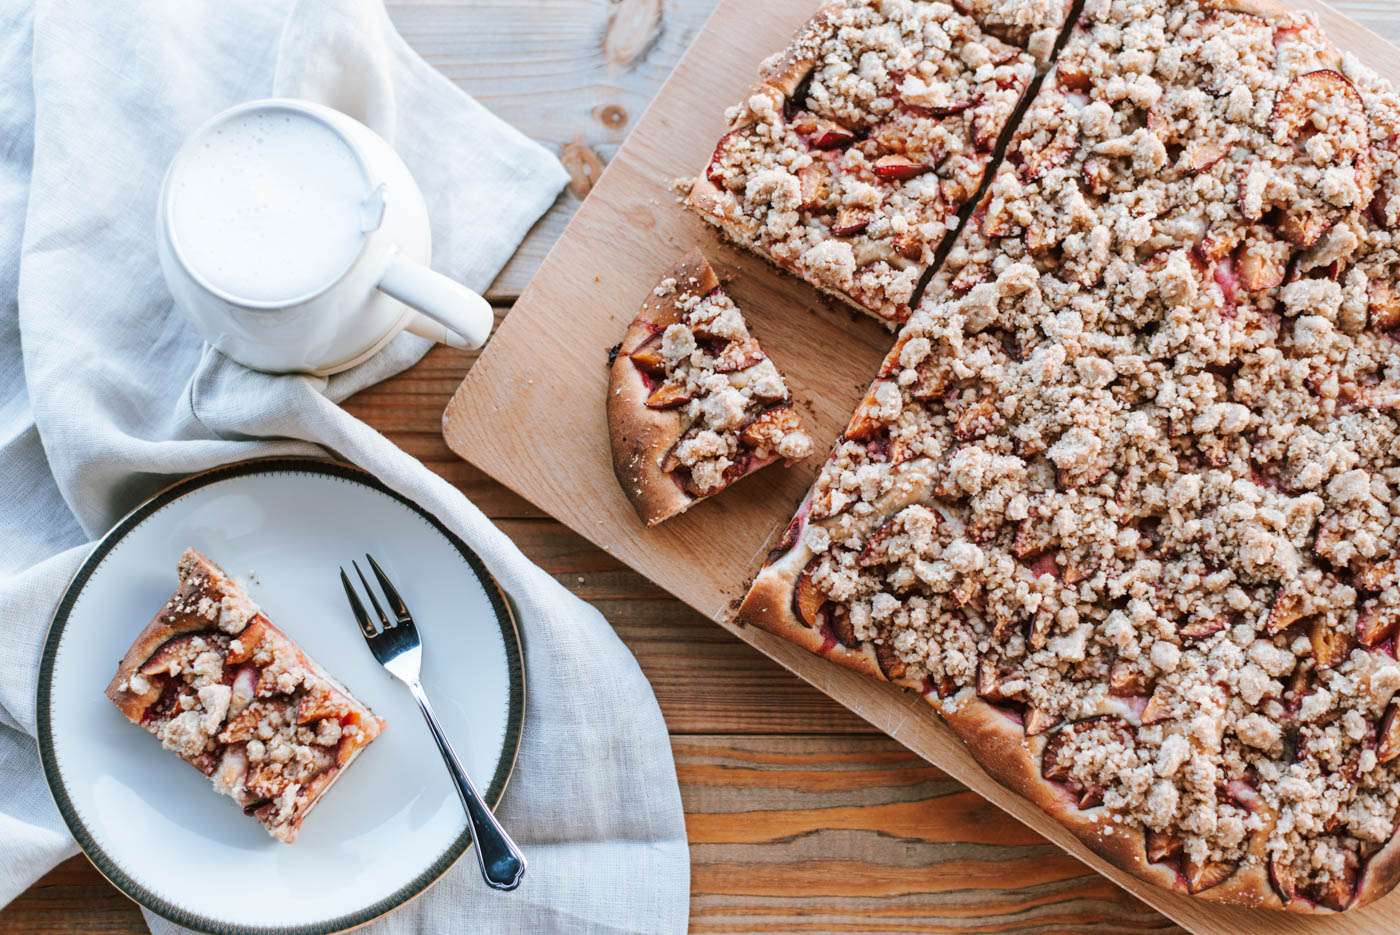 Veganer Zwetschgenkuchen mit Zimtstreusel: Leckeres Blechkuchen- Rezept von meiner Mama - ganz einfacher und gelingsicherer Zwetschgenkuchen